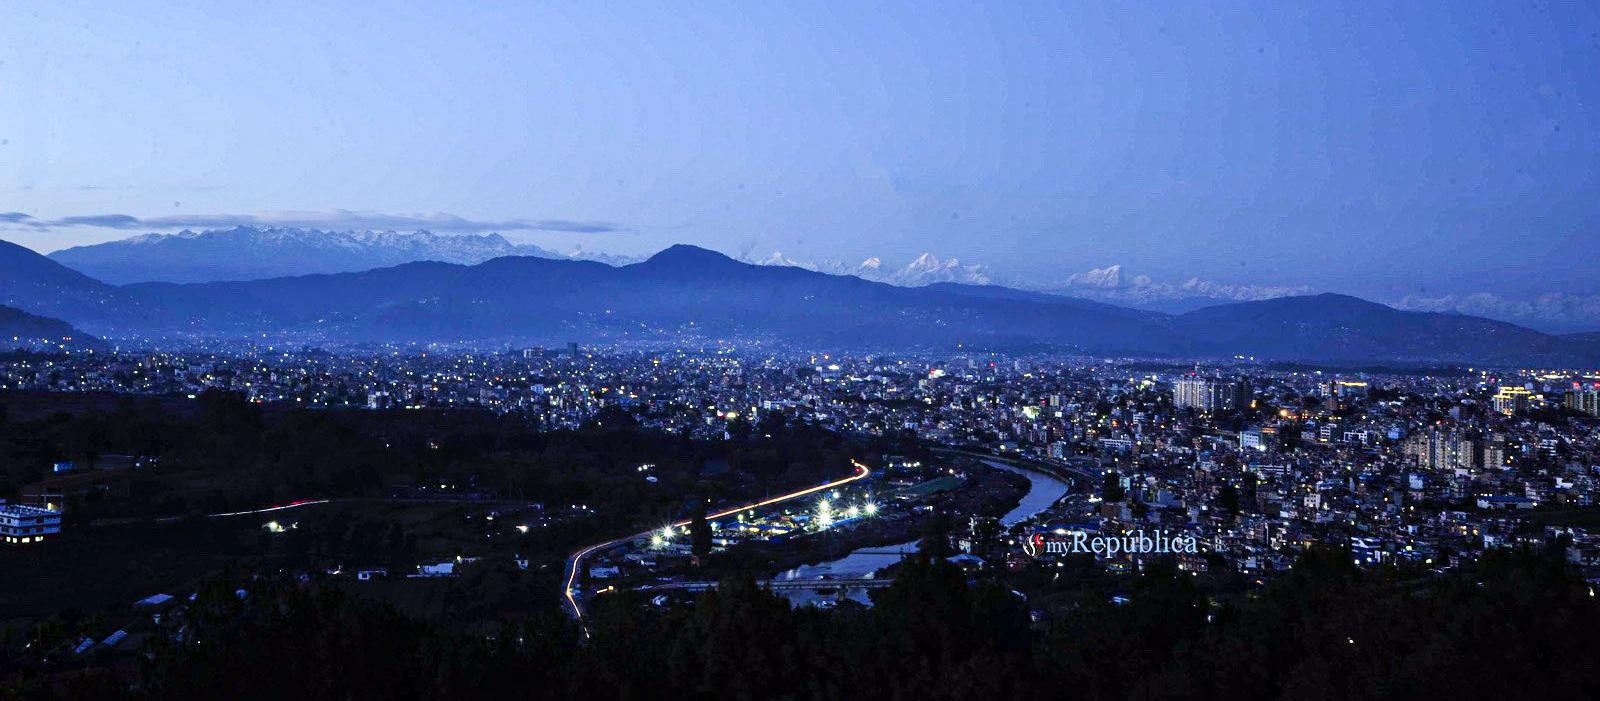 Photos: Stunning Kathmandu during lockdown